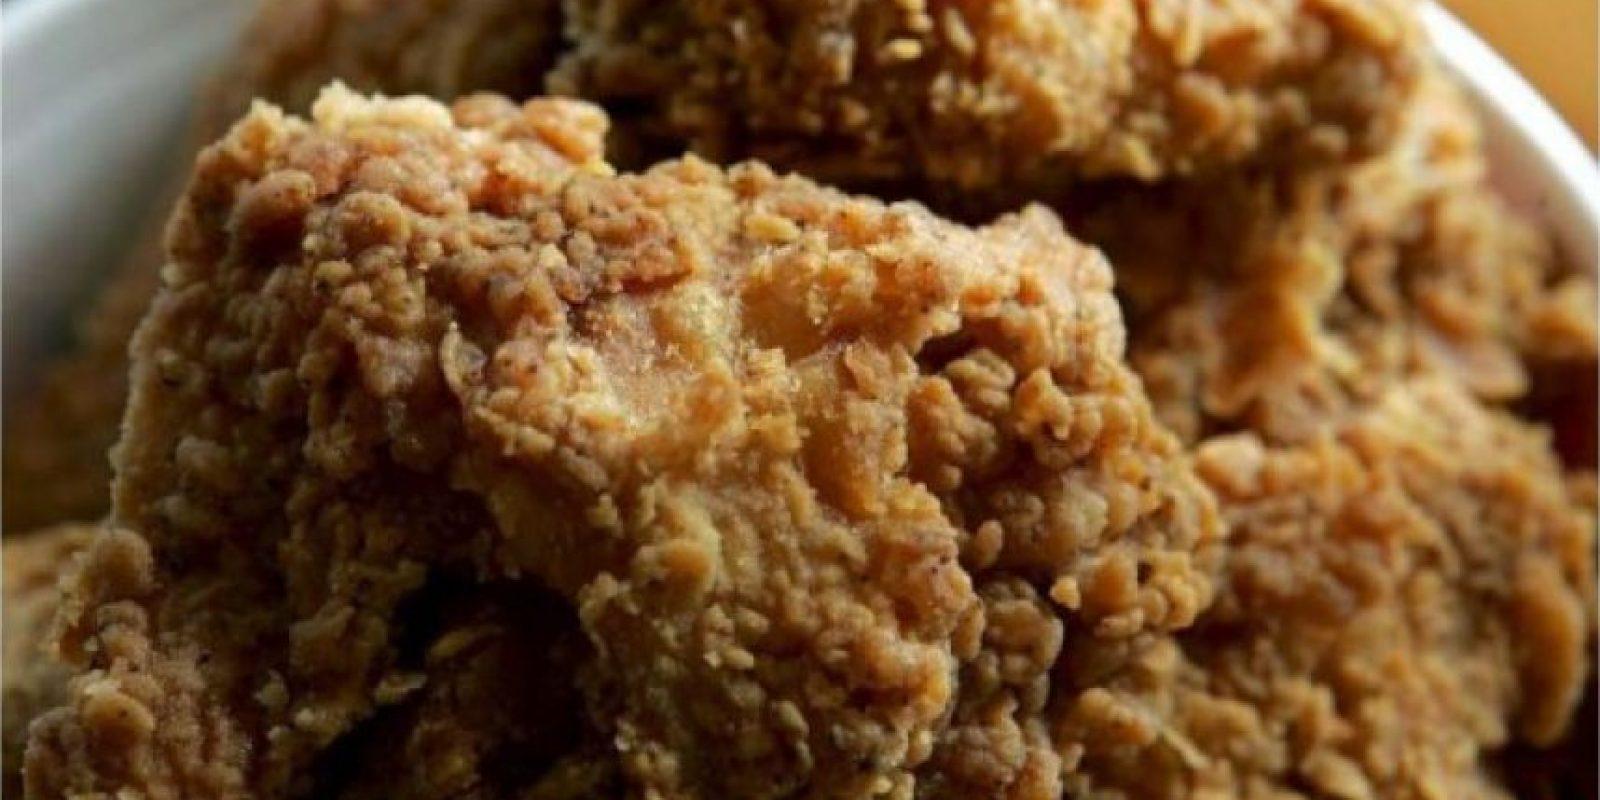 Los alimentos con alto contenido de grasa aumentan el colesterol y los vasos sanguíneos del hombre. Foto:Getty Images